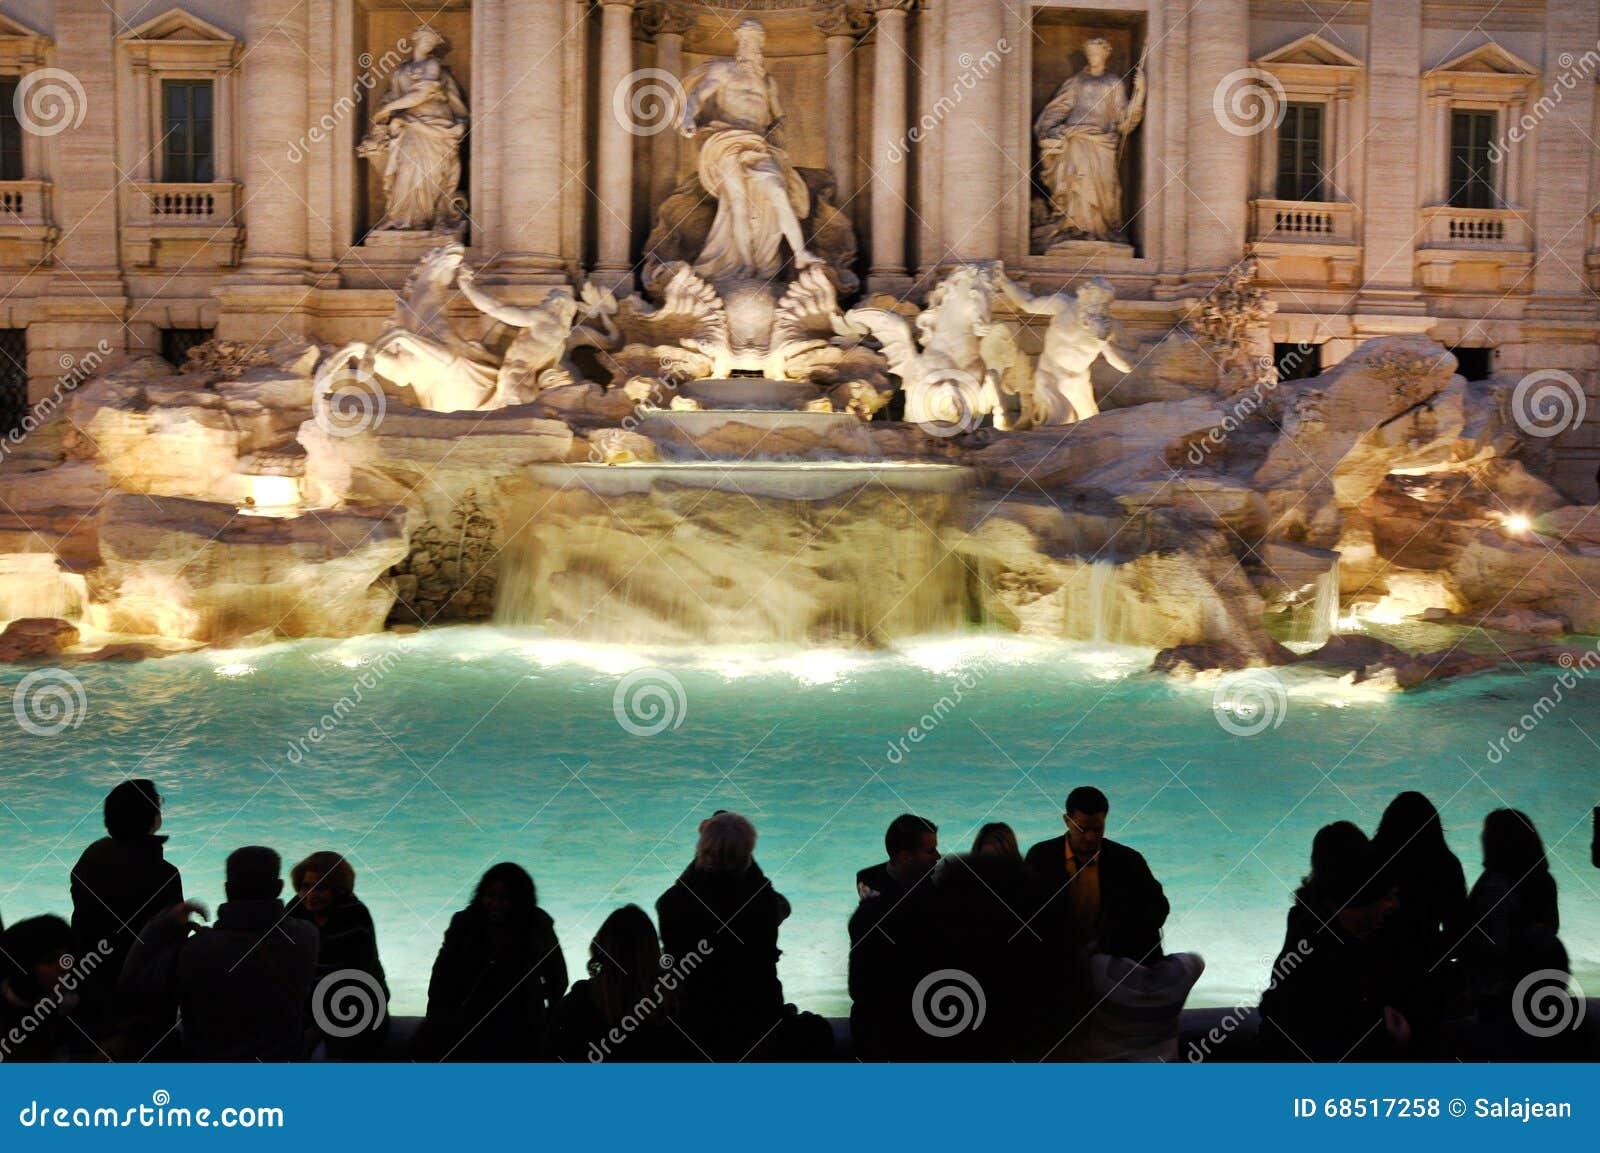 Fontana di trevi fontana di trevi belle vecchie finestre a roma italia fotografia stock - Finestre a roma ...